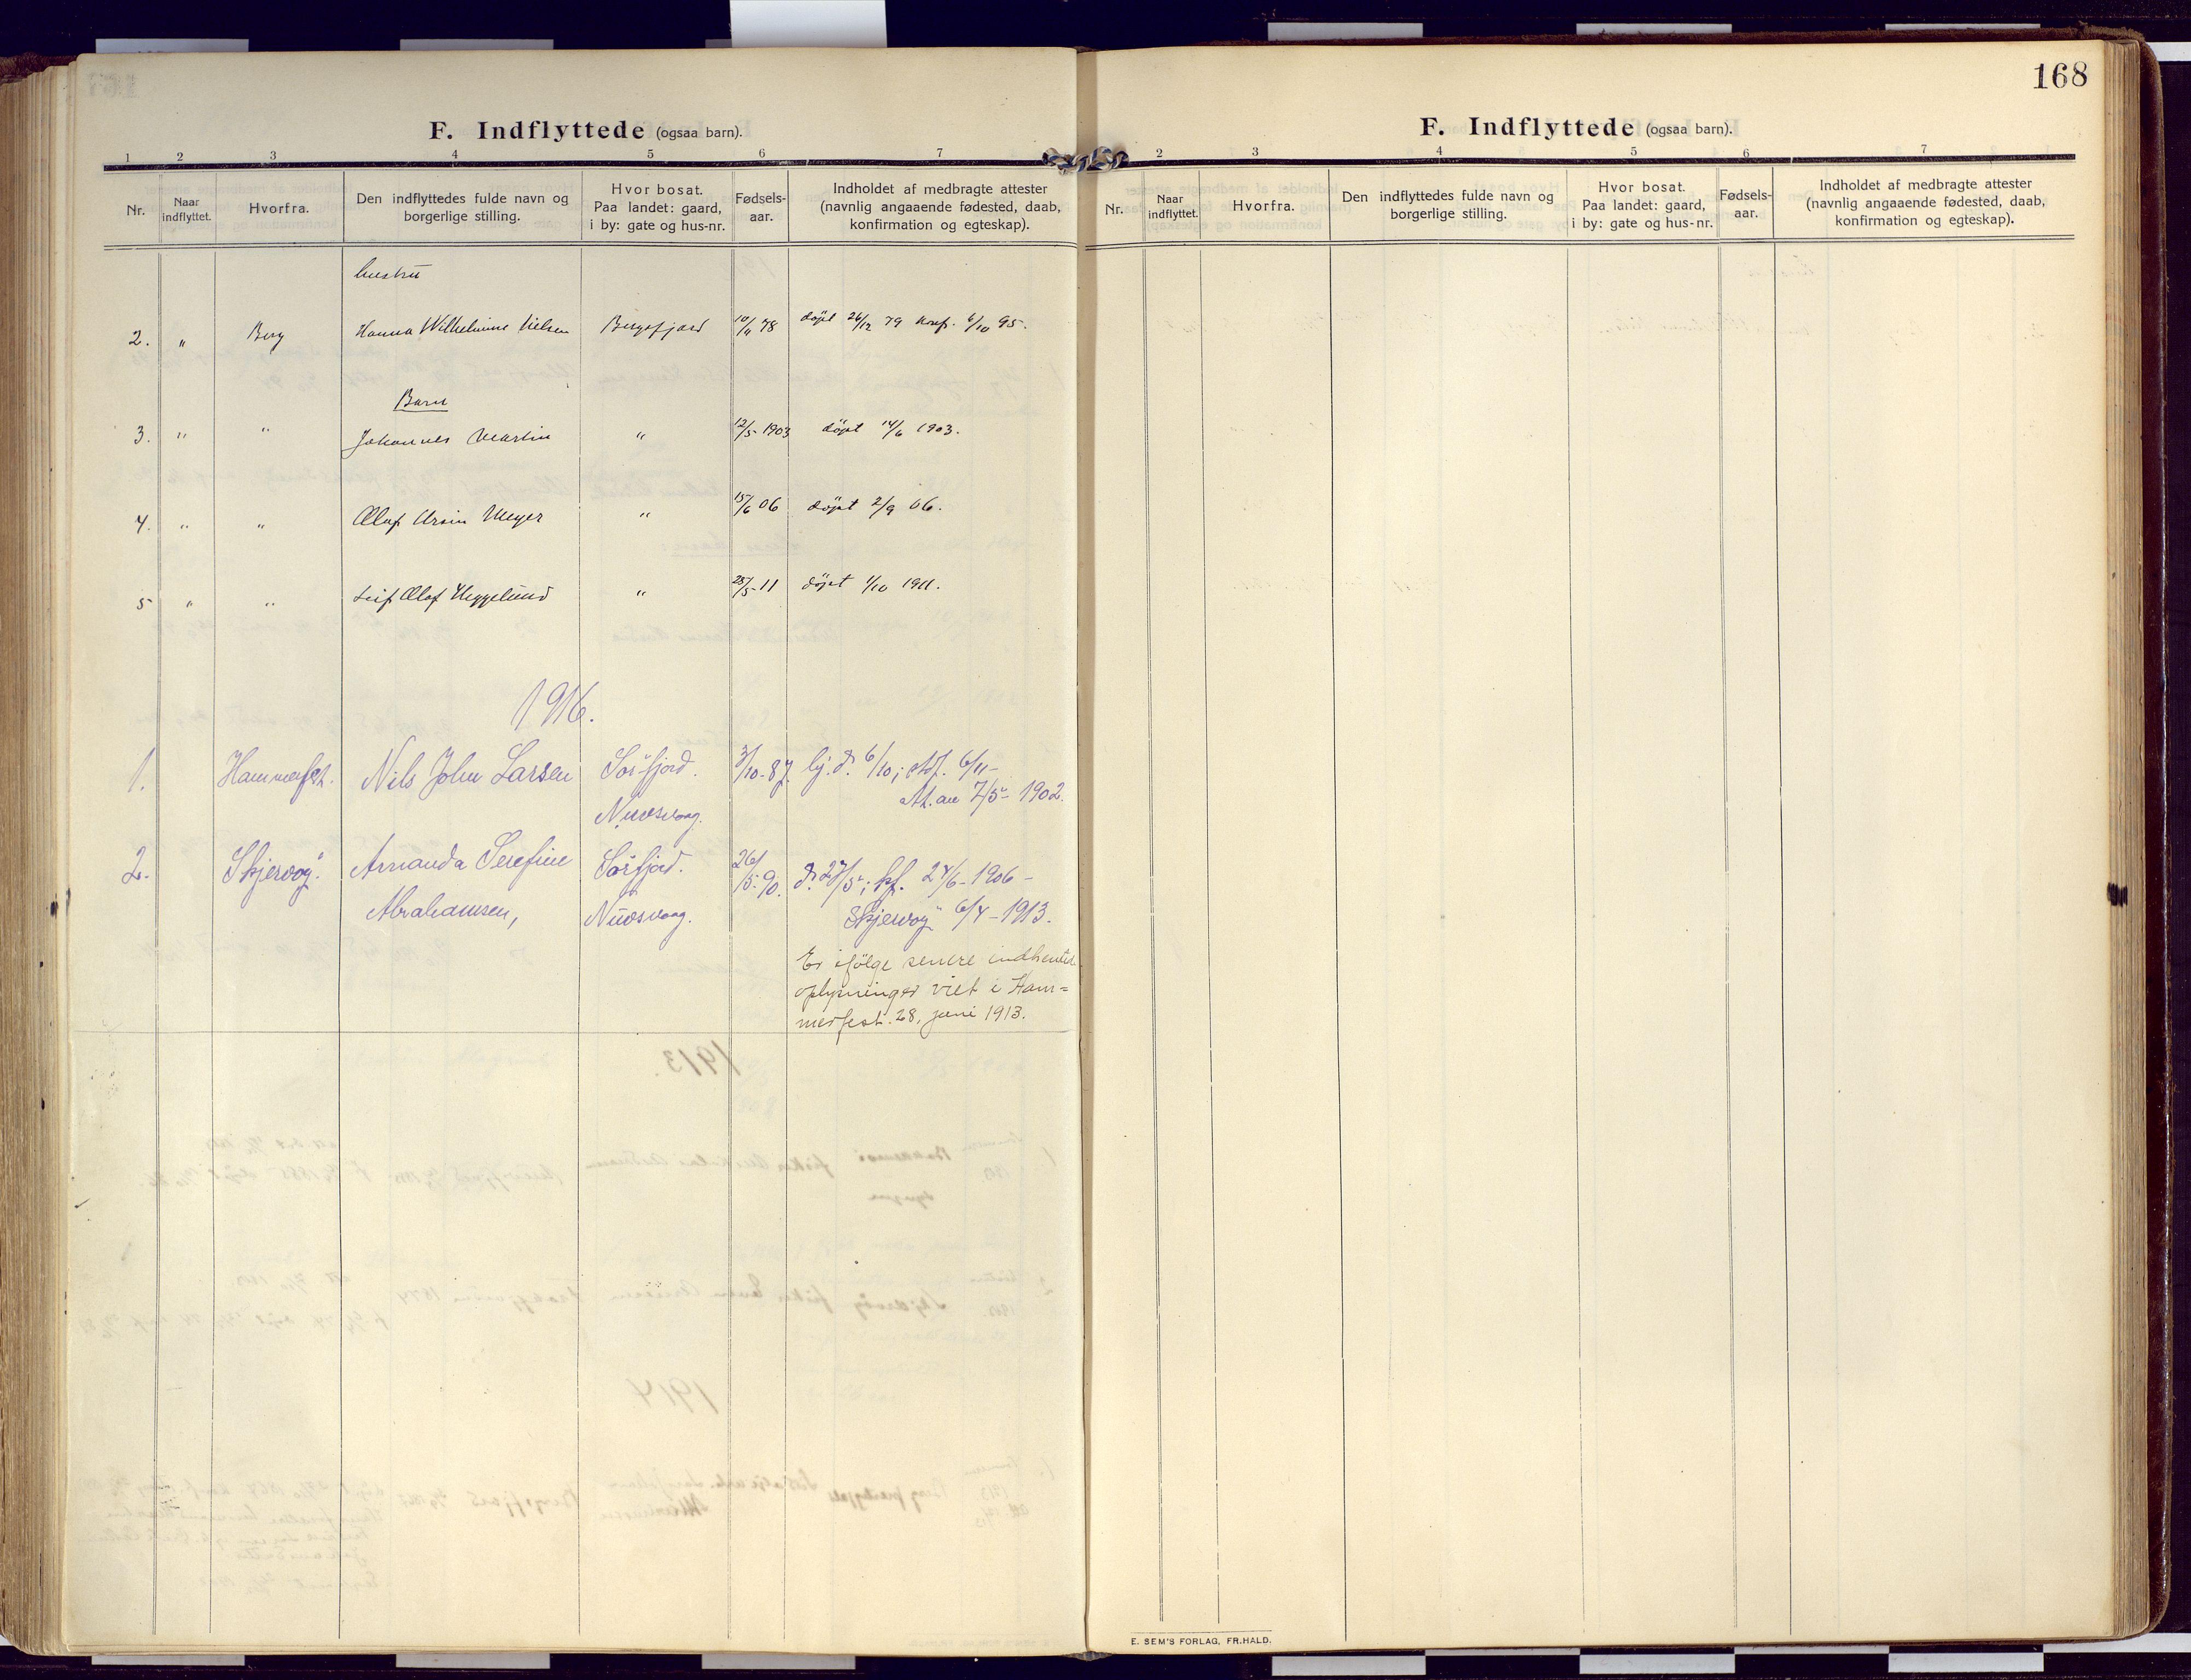 SATØ, Loppa sokneprestkontor, H/Ha/L0011kirke: Ministerialbok nr. 11, 1909-1919, s. 168